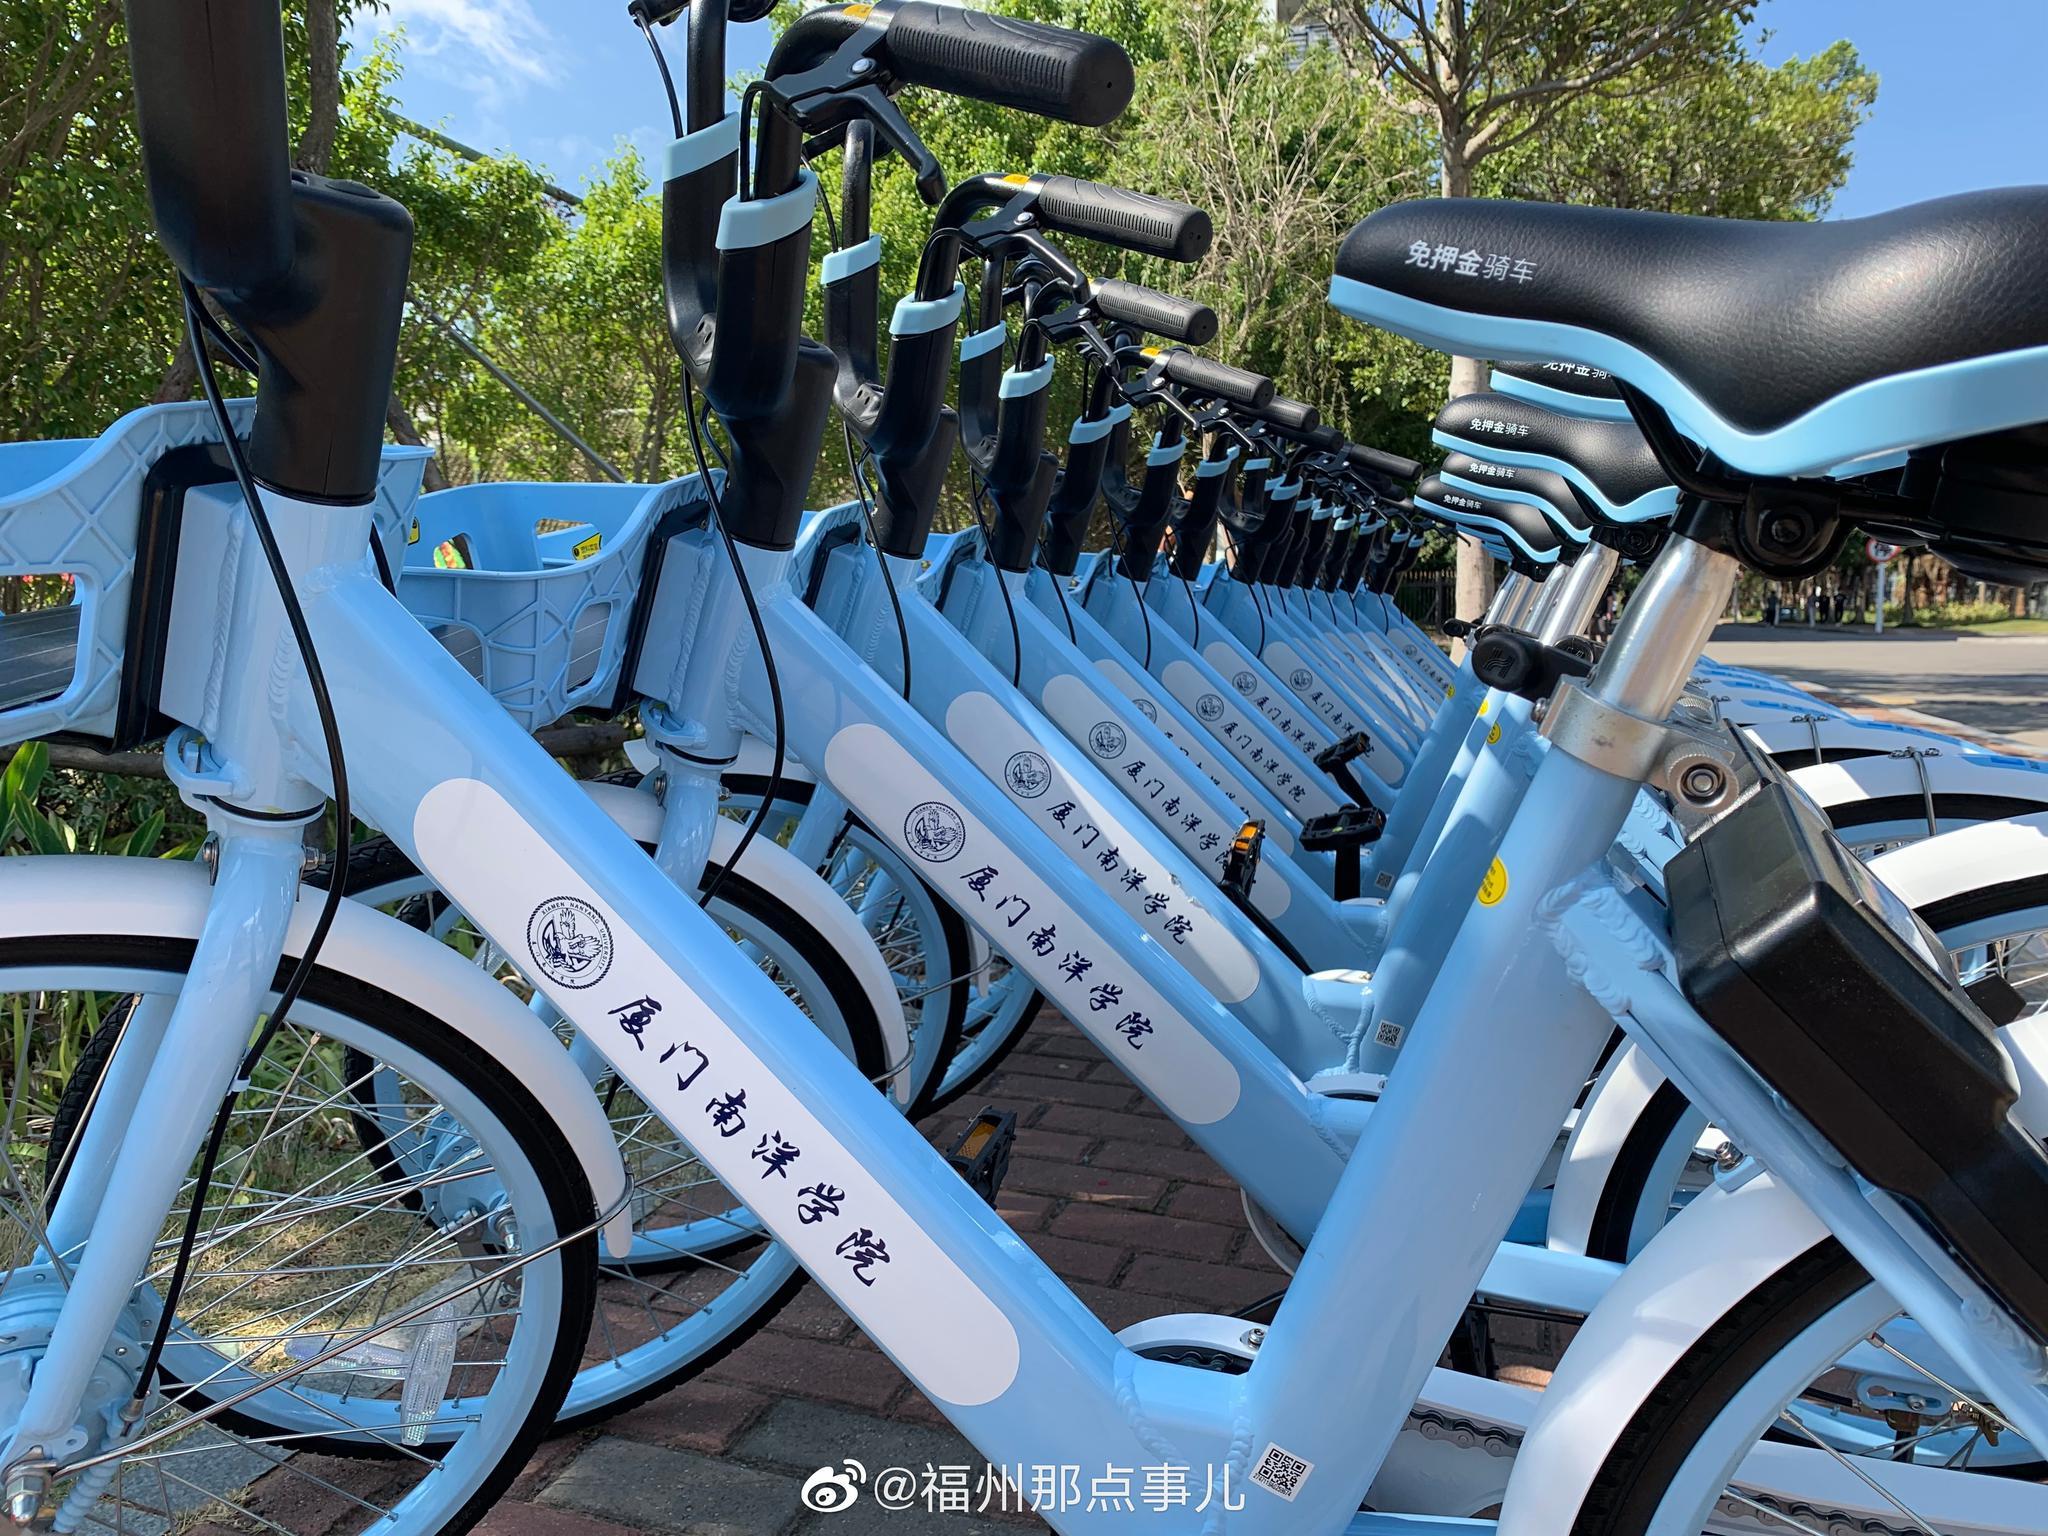 又是别人家的学校:南洋学院哈啰定制单车到货